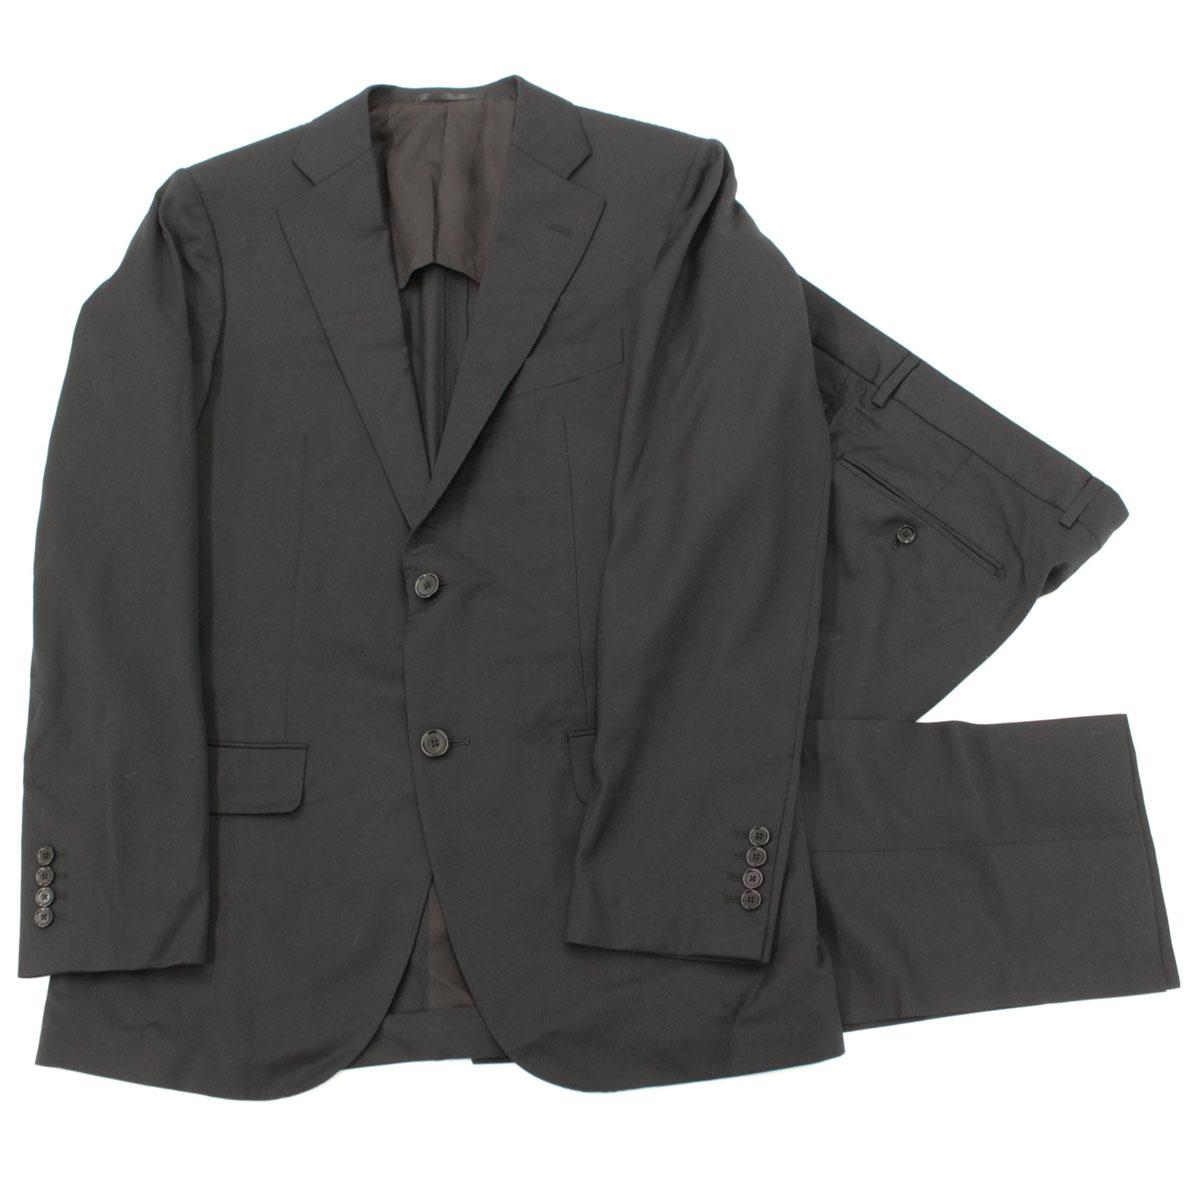 【中古】良好◆TOMORROWLAND トゥモローランド エルメネジルドゼニア生地 2Bシングルスーツ サイズ50◆ ブラック/無地/ウール/メンズ/セットアップ